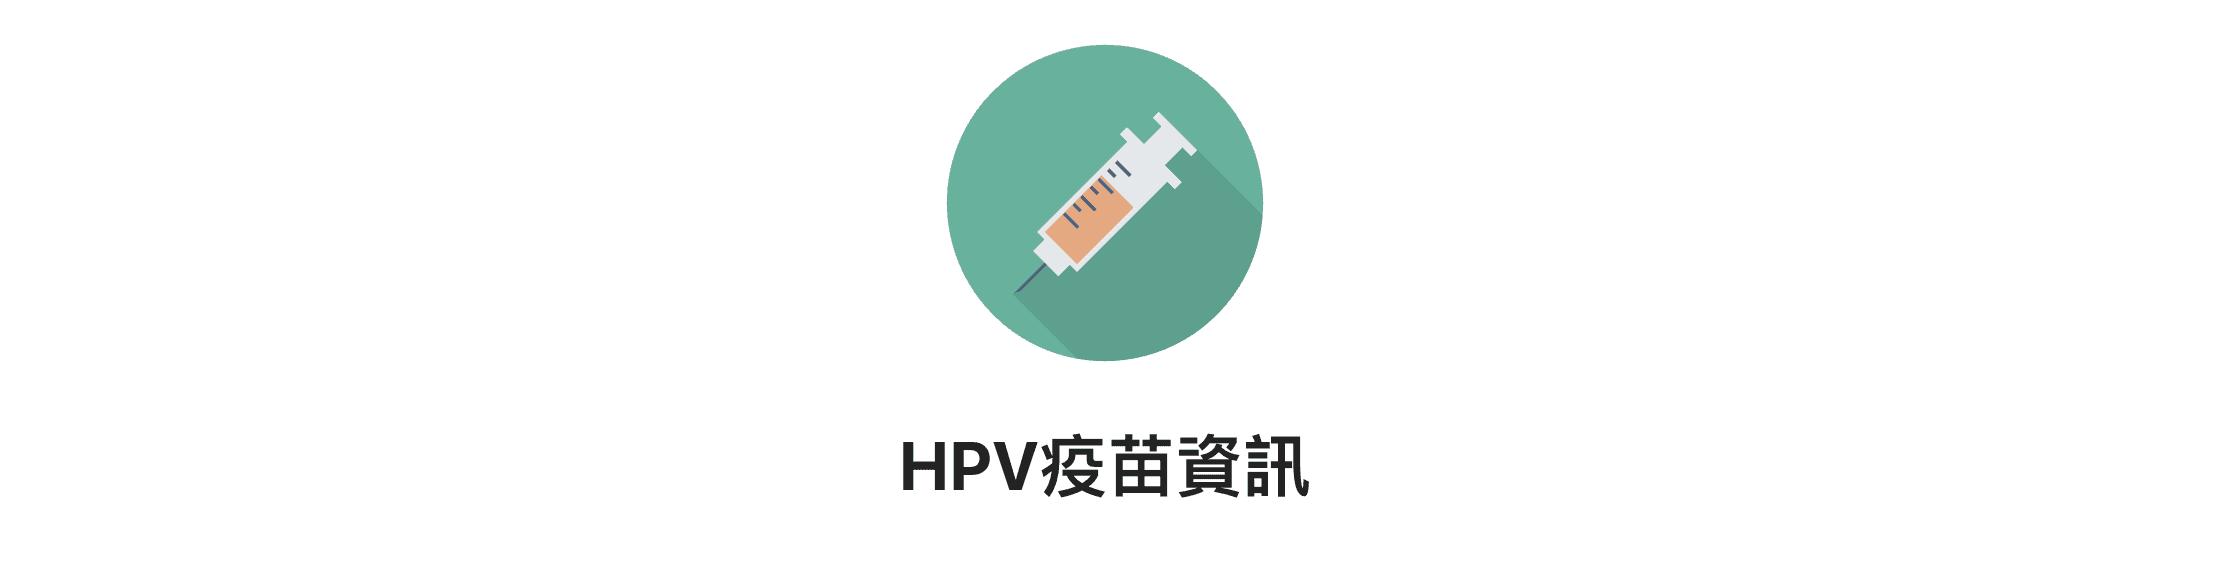 HPV 優惠 2021 02 18 下午2.48.50